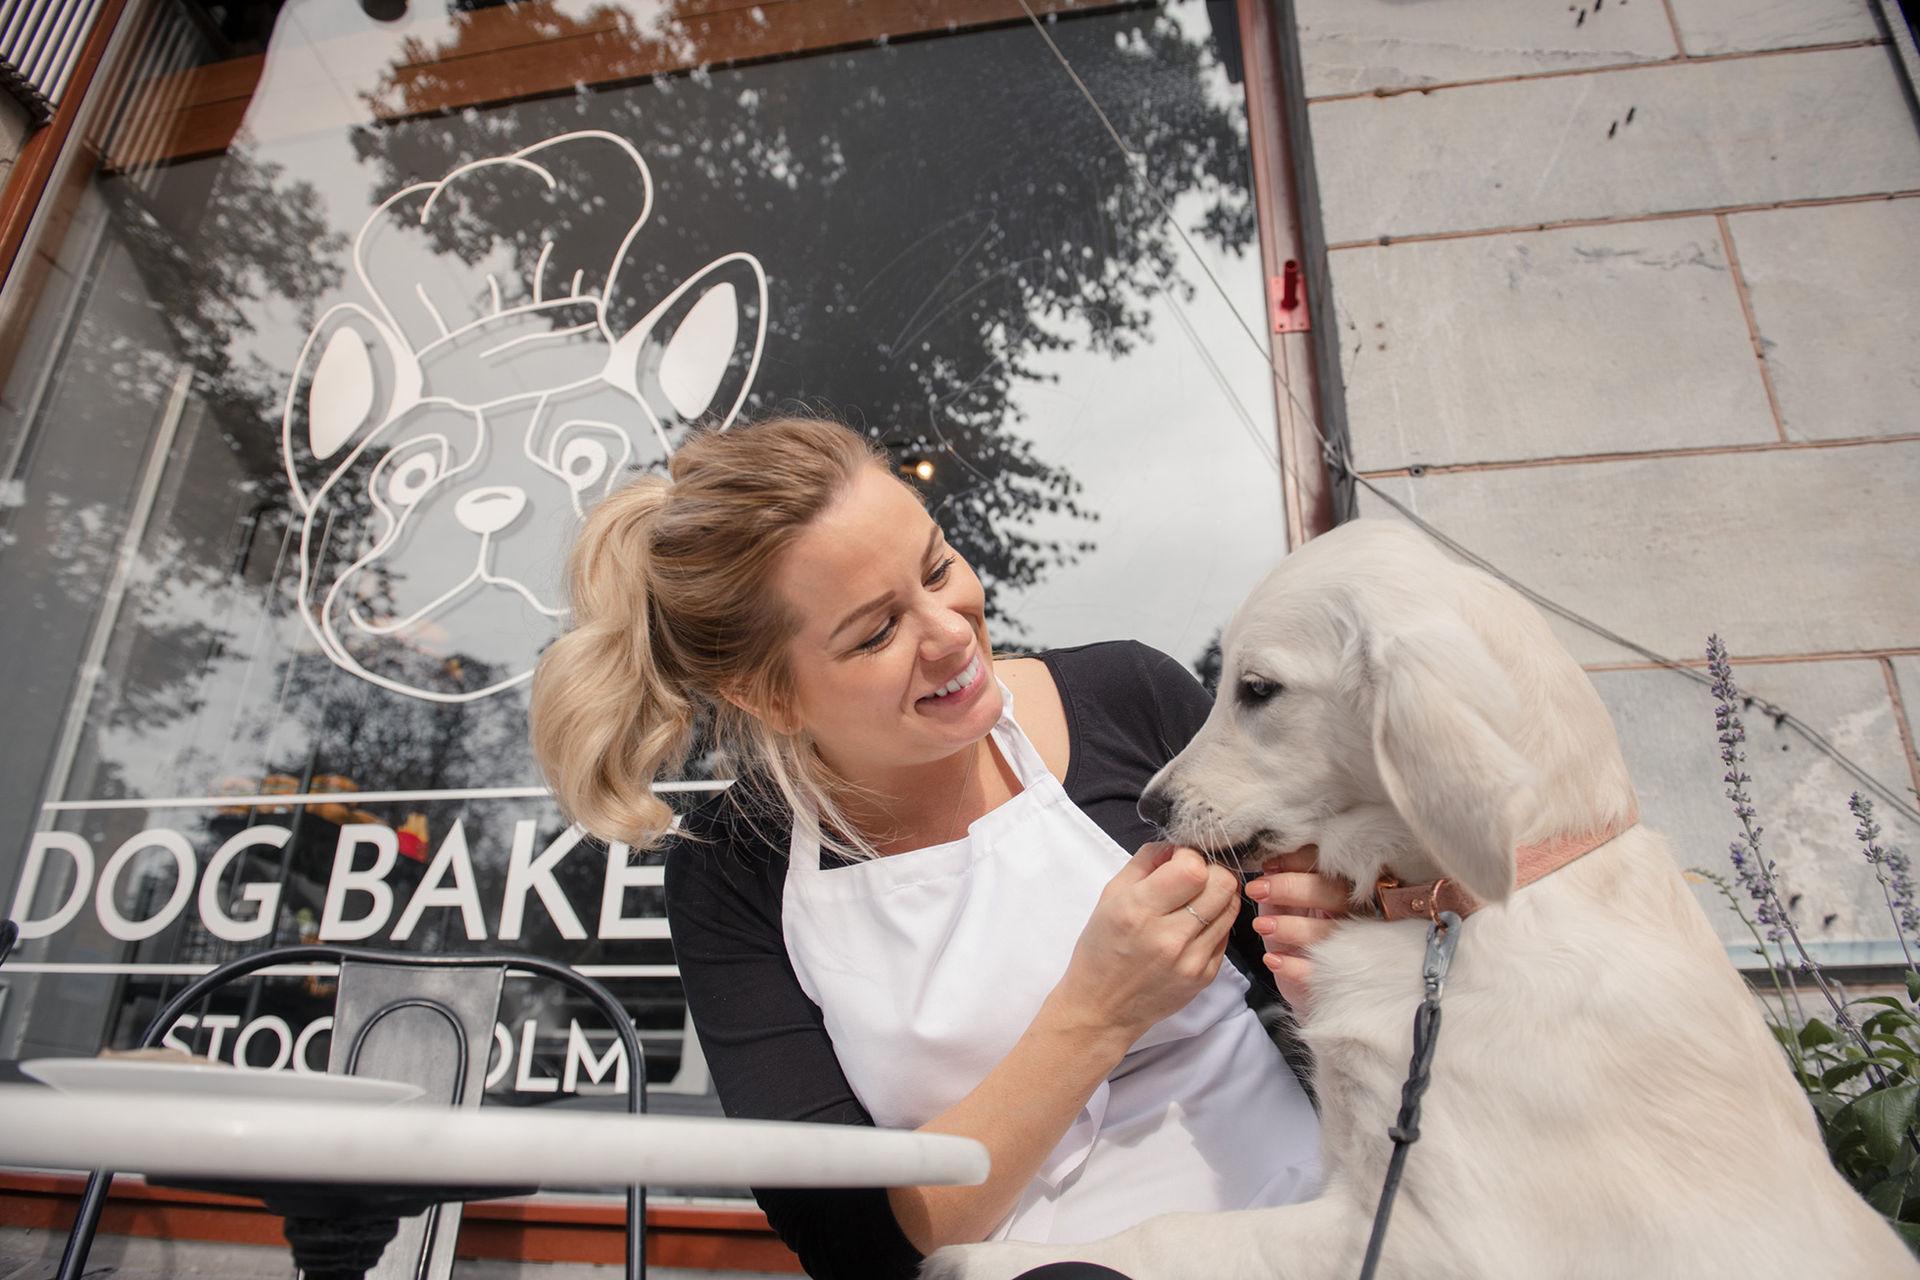 Idag öppnar ett bageri för hundar